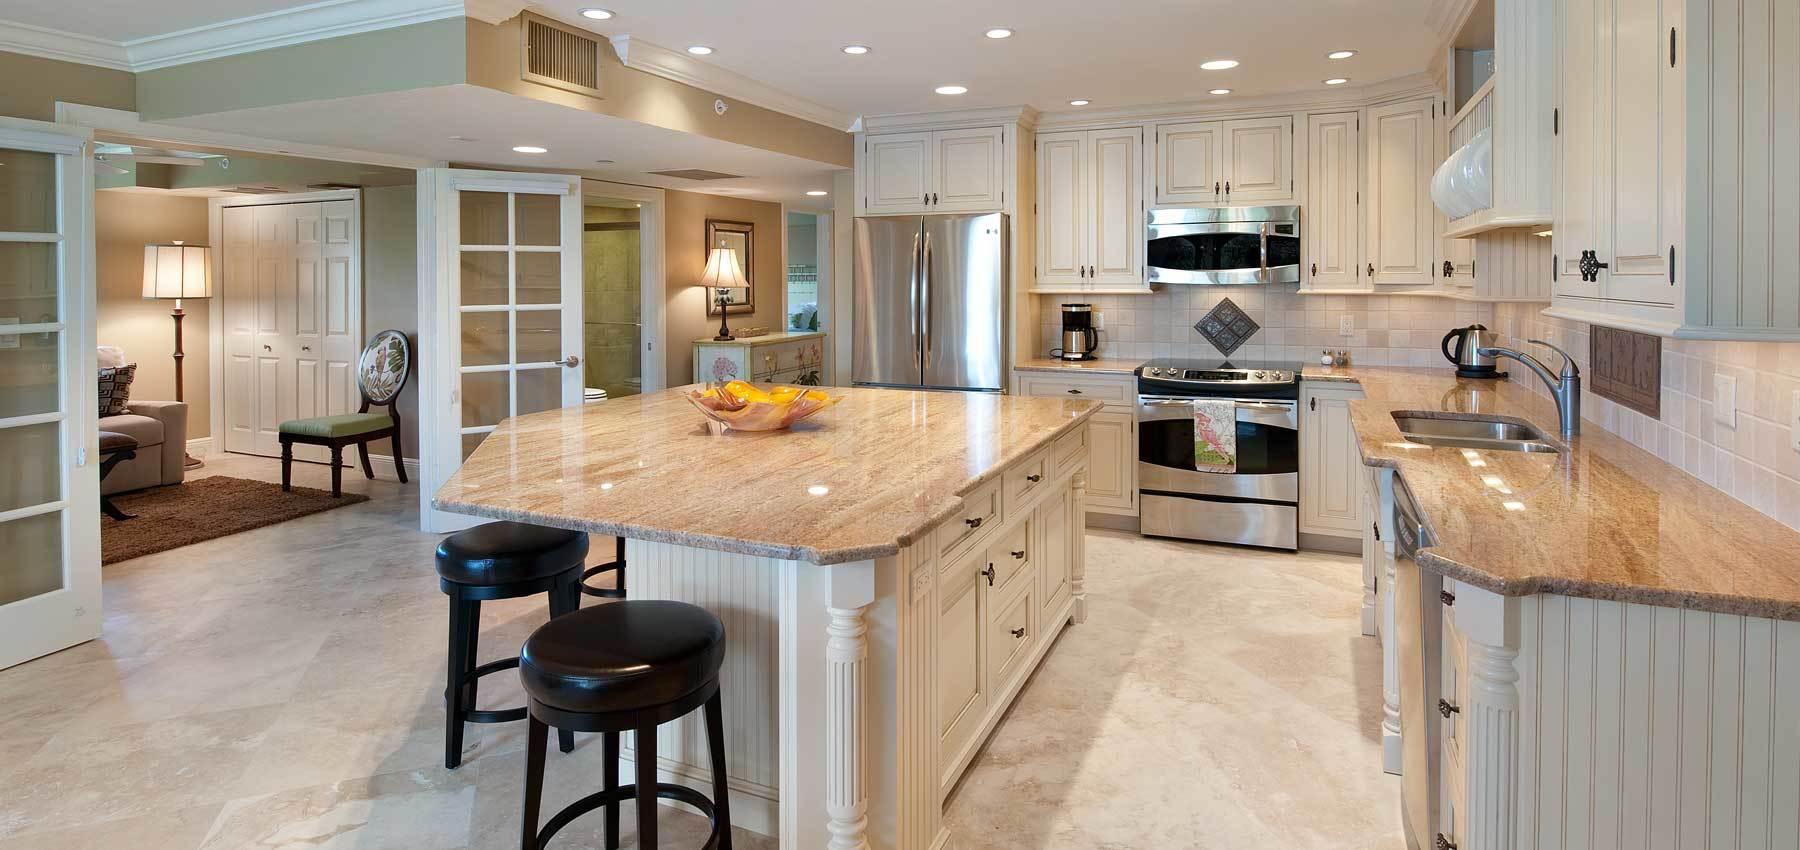 Best Kitchen Gallery: Kitchen Remodeling Kgt Remodeling of Kitchen Cabinets Naples Fl on rachelxblog.com